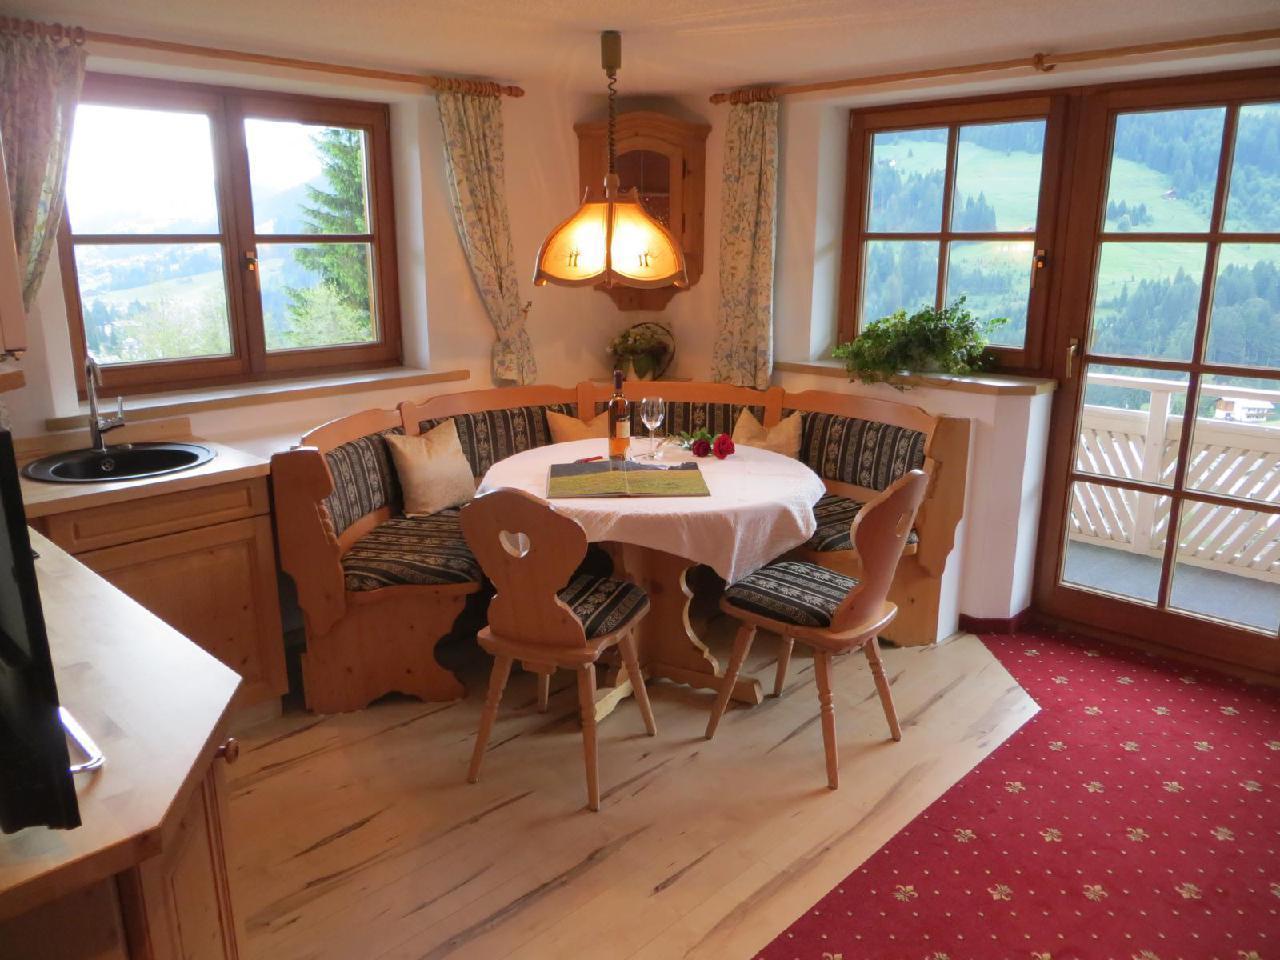 Ferienwohnung Gästehaus am Berg, Ferienwohnung Kanzelwand, 4 Schlafzimmer (772001), Hirschegg, Kleinwalsertal, Vorarlberg, Österreich, Bild 4